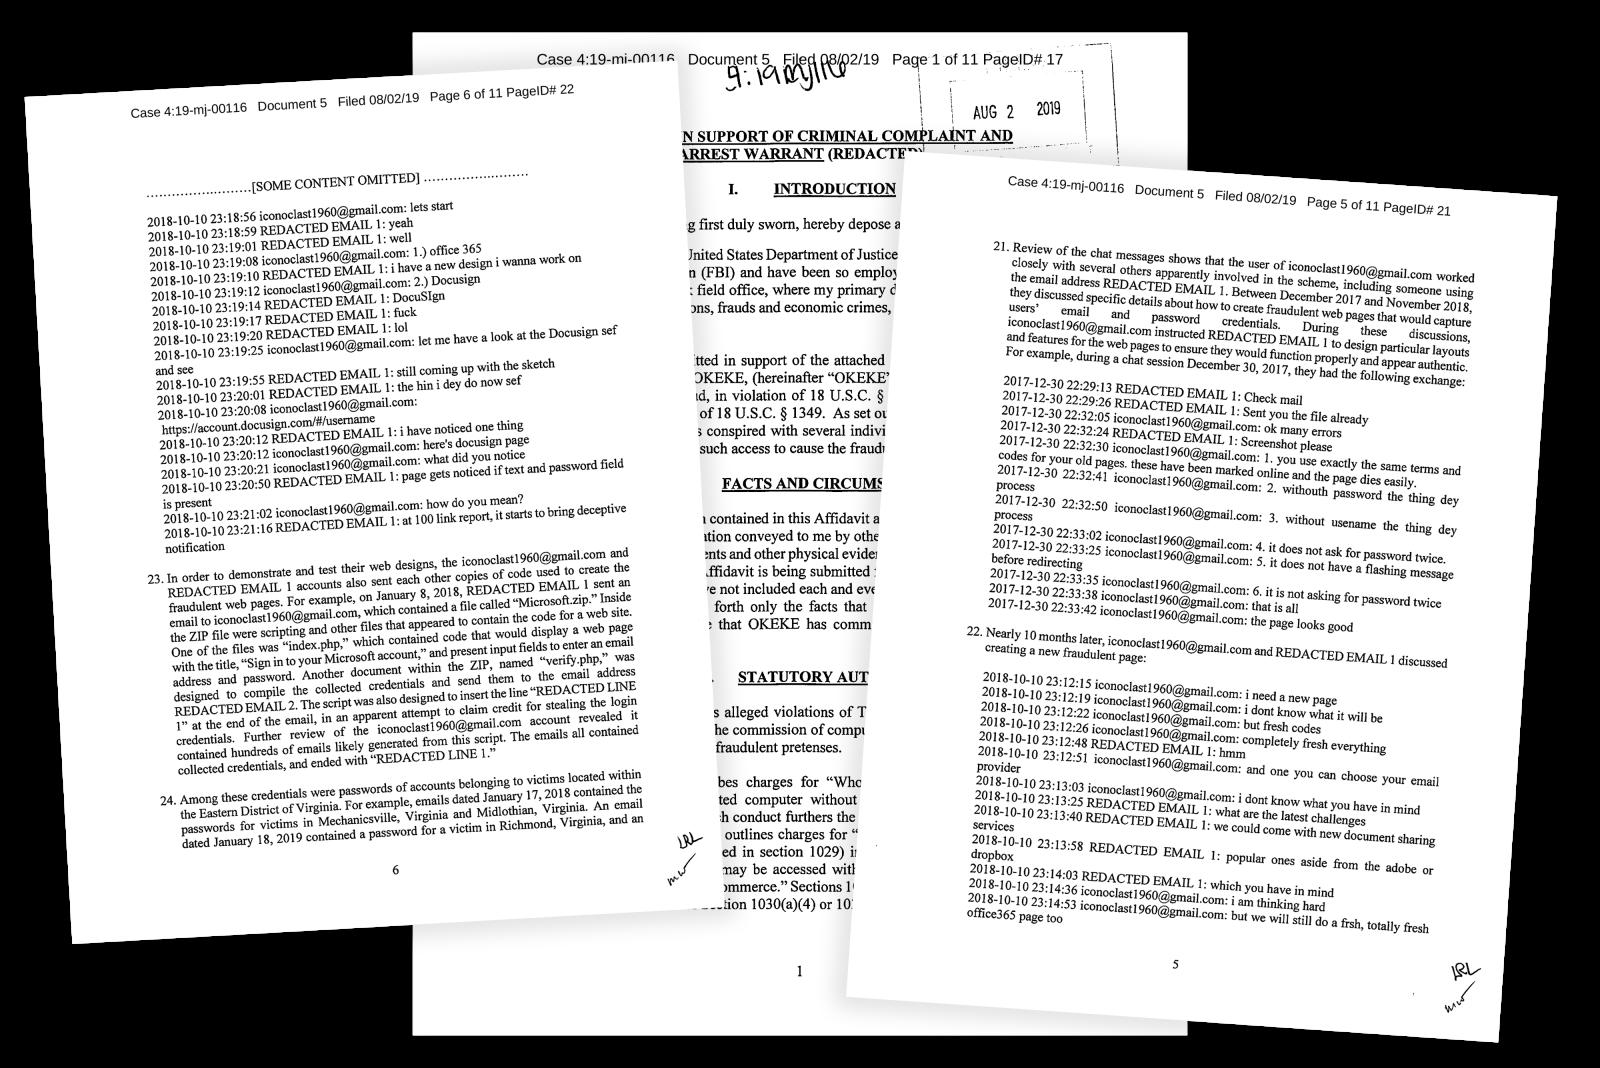 Материалы из дела, открытого ФБР против Океке